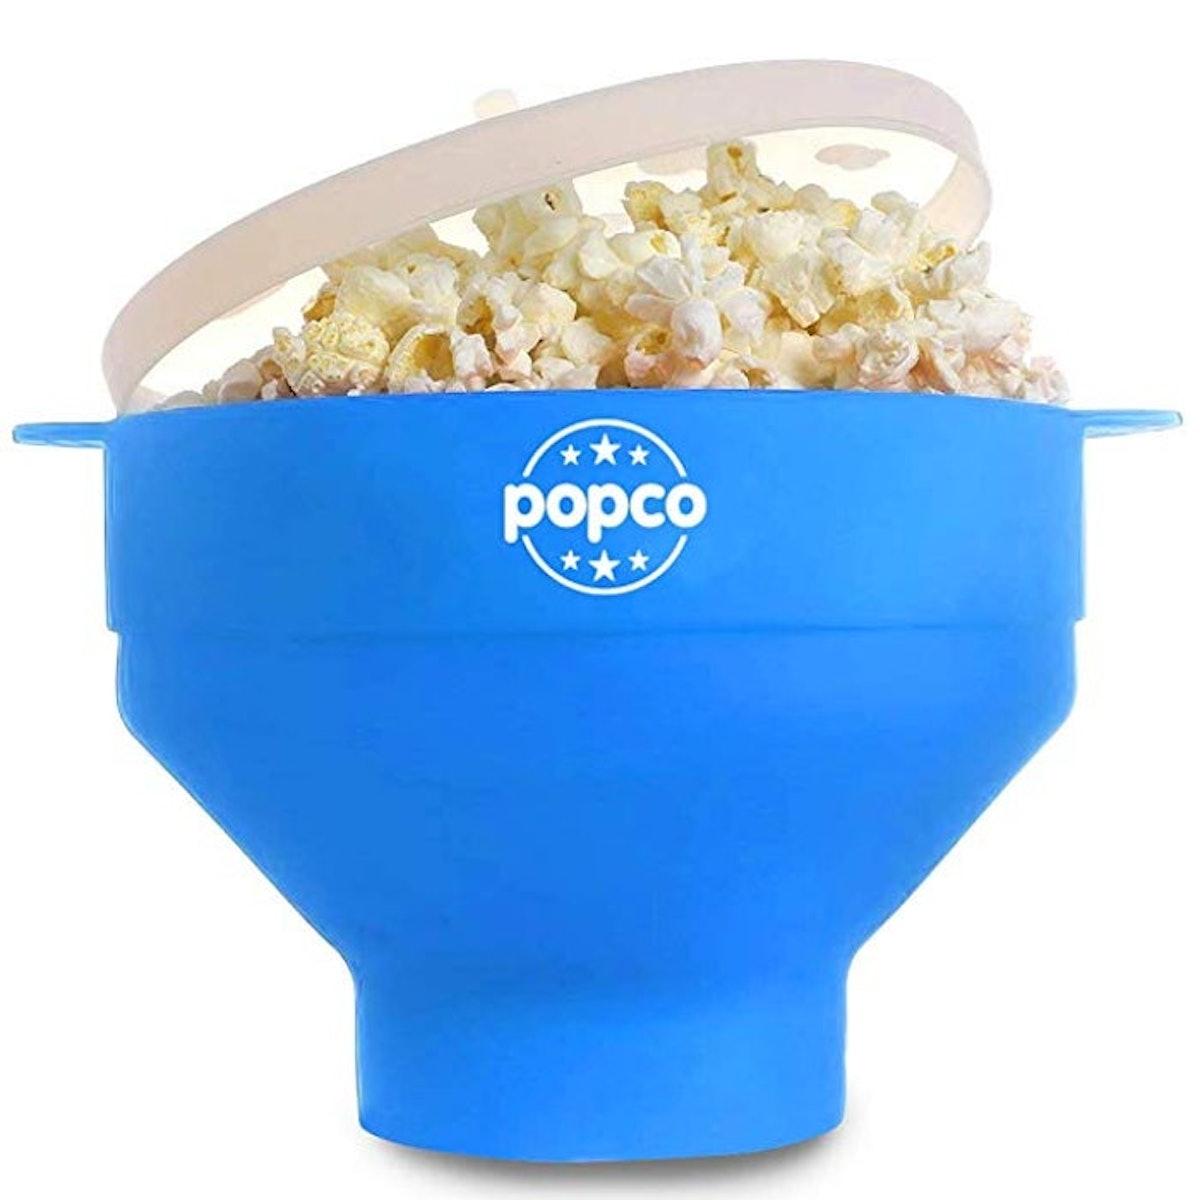 POPCO Microwave Popcorn Popper